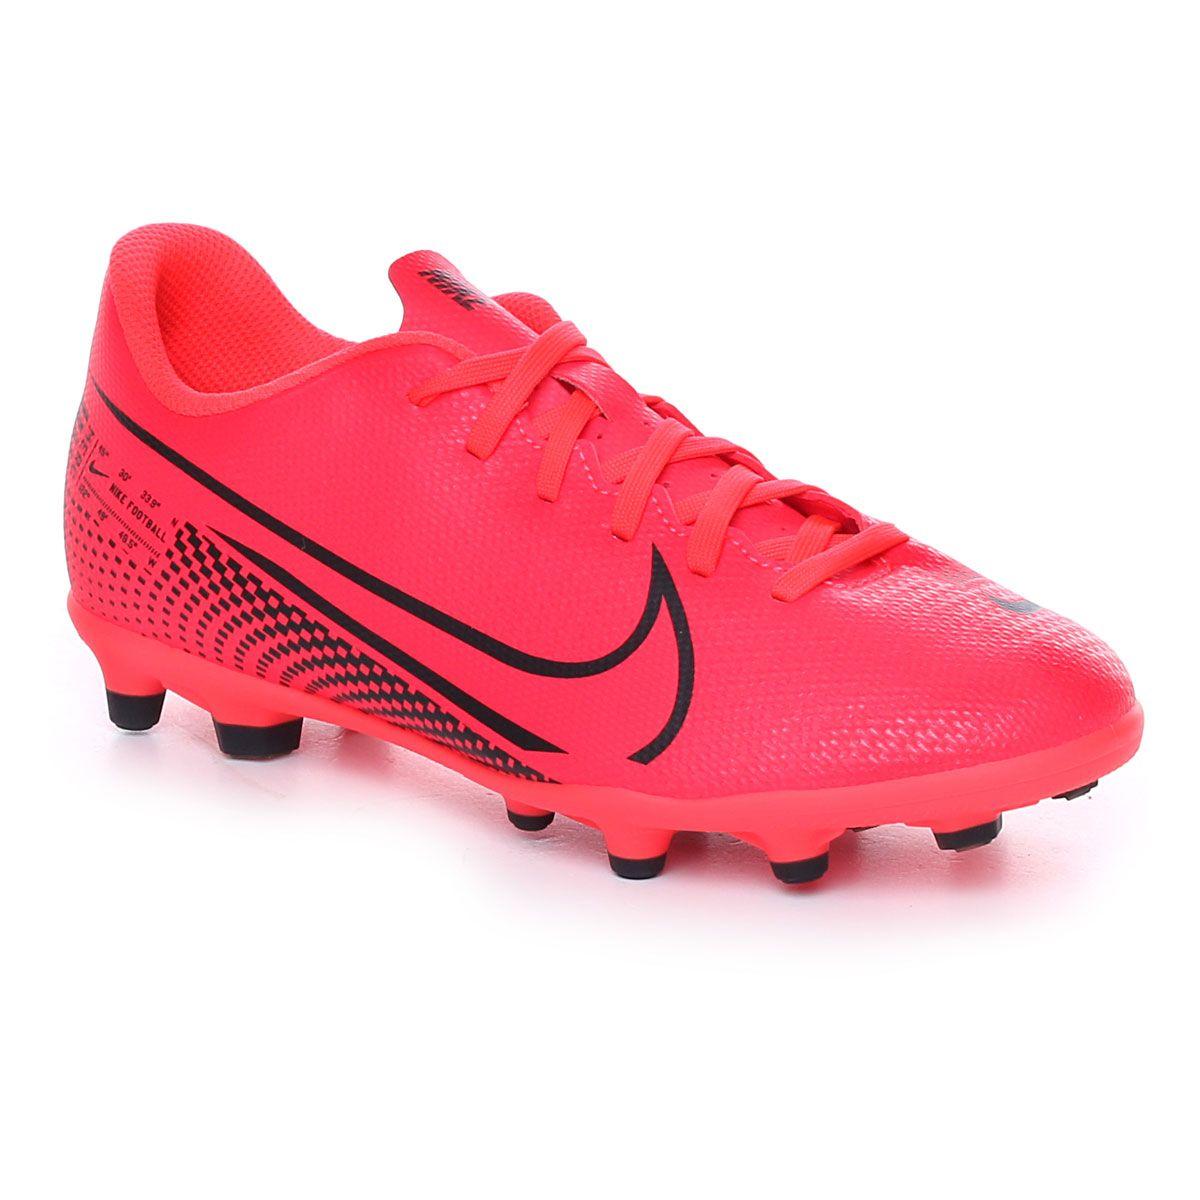 Nike Jr Vapor 13 Club Fg/Mg